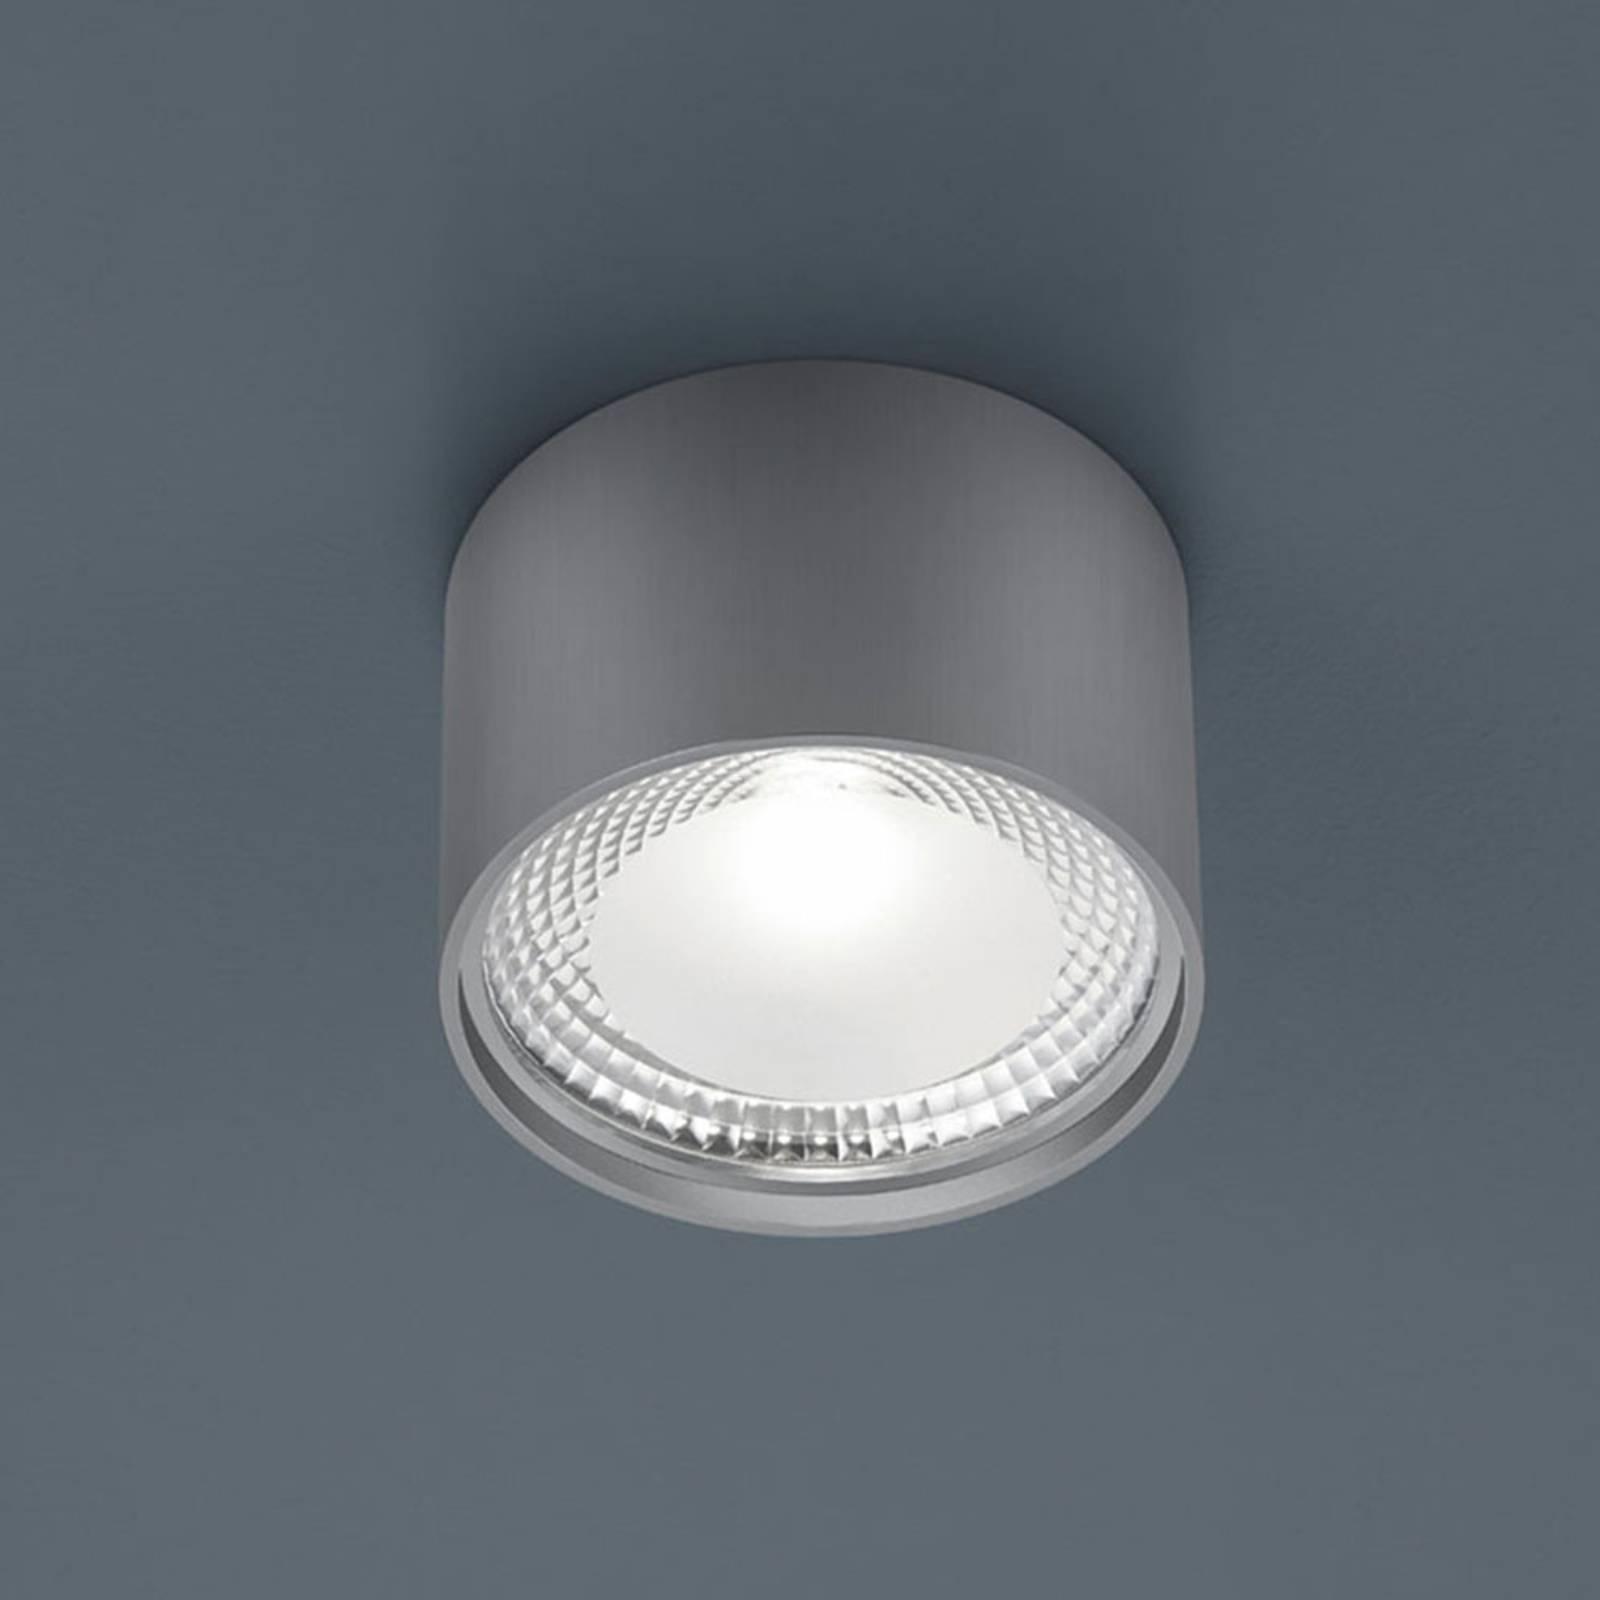 Helestra Kari -LED-kattovalaisin, pyöreä, nikkeli